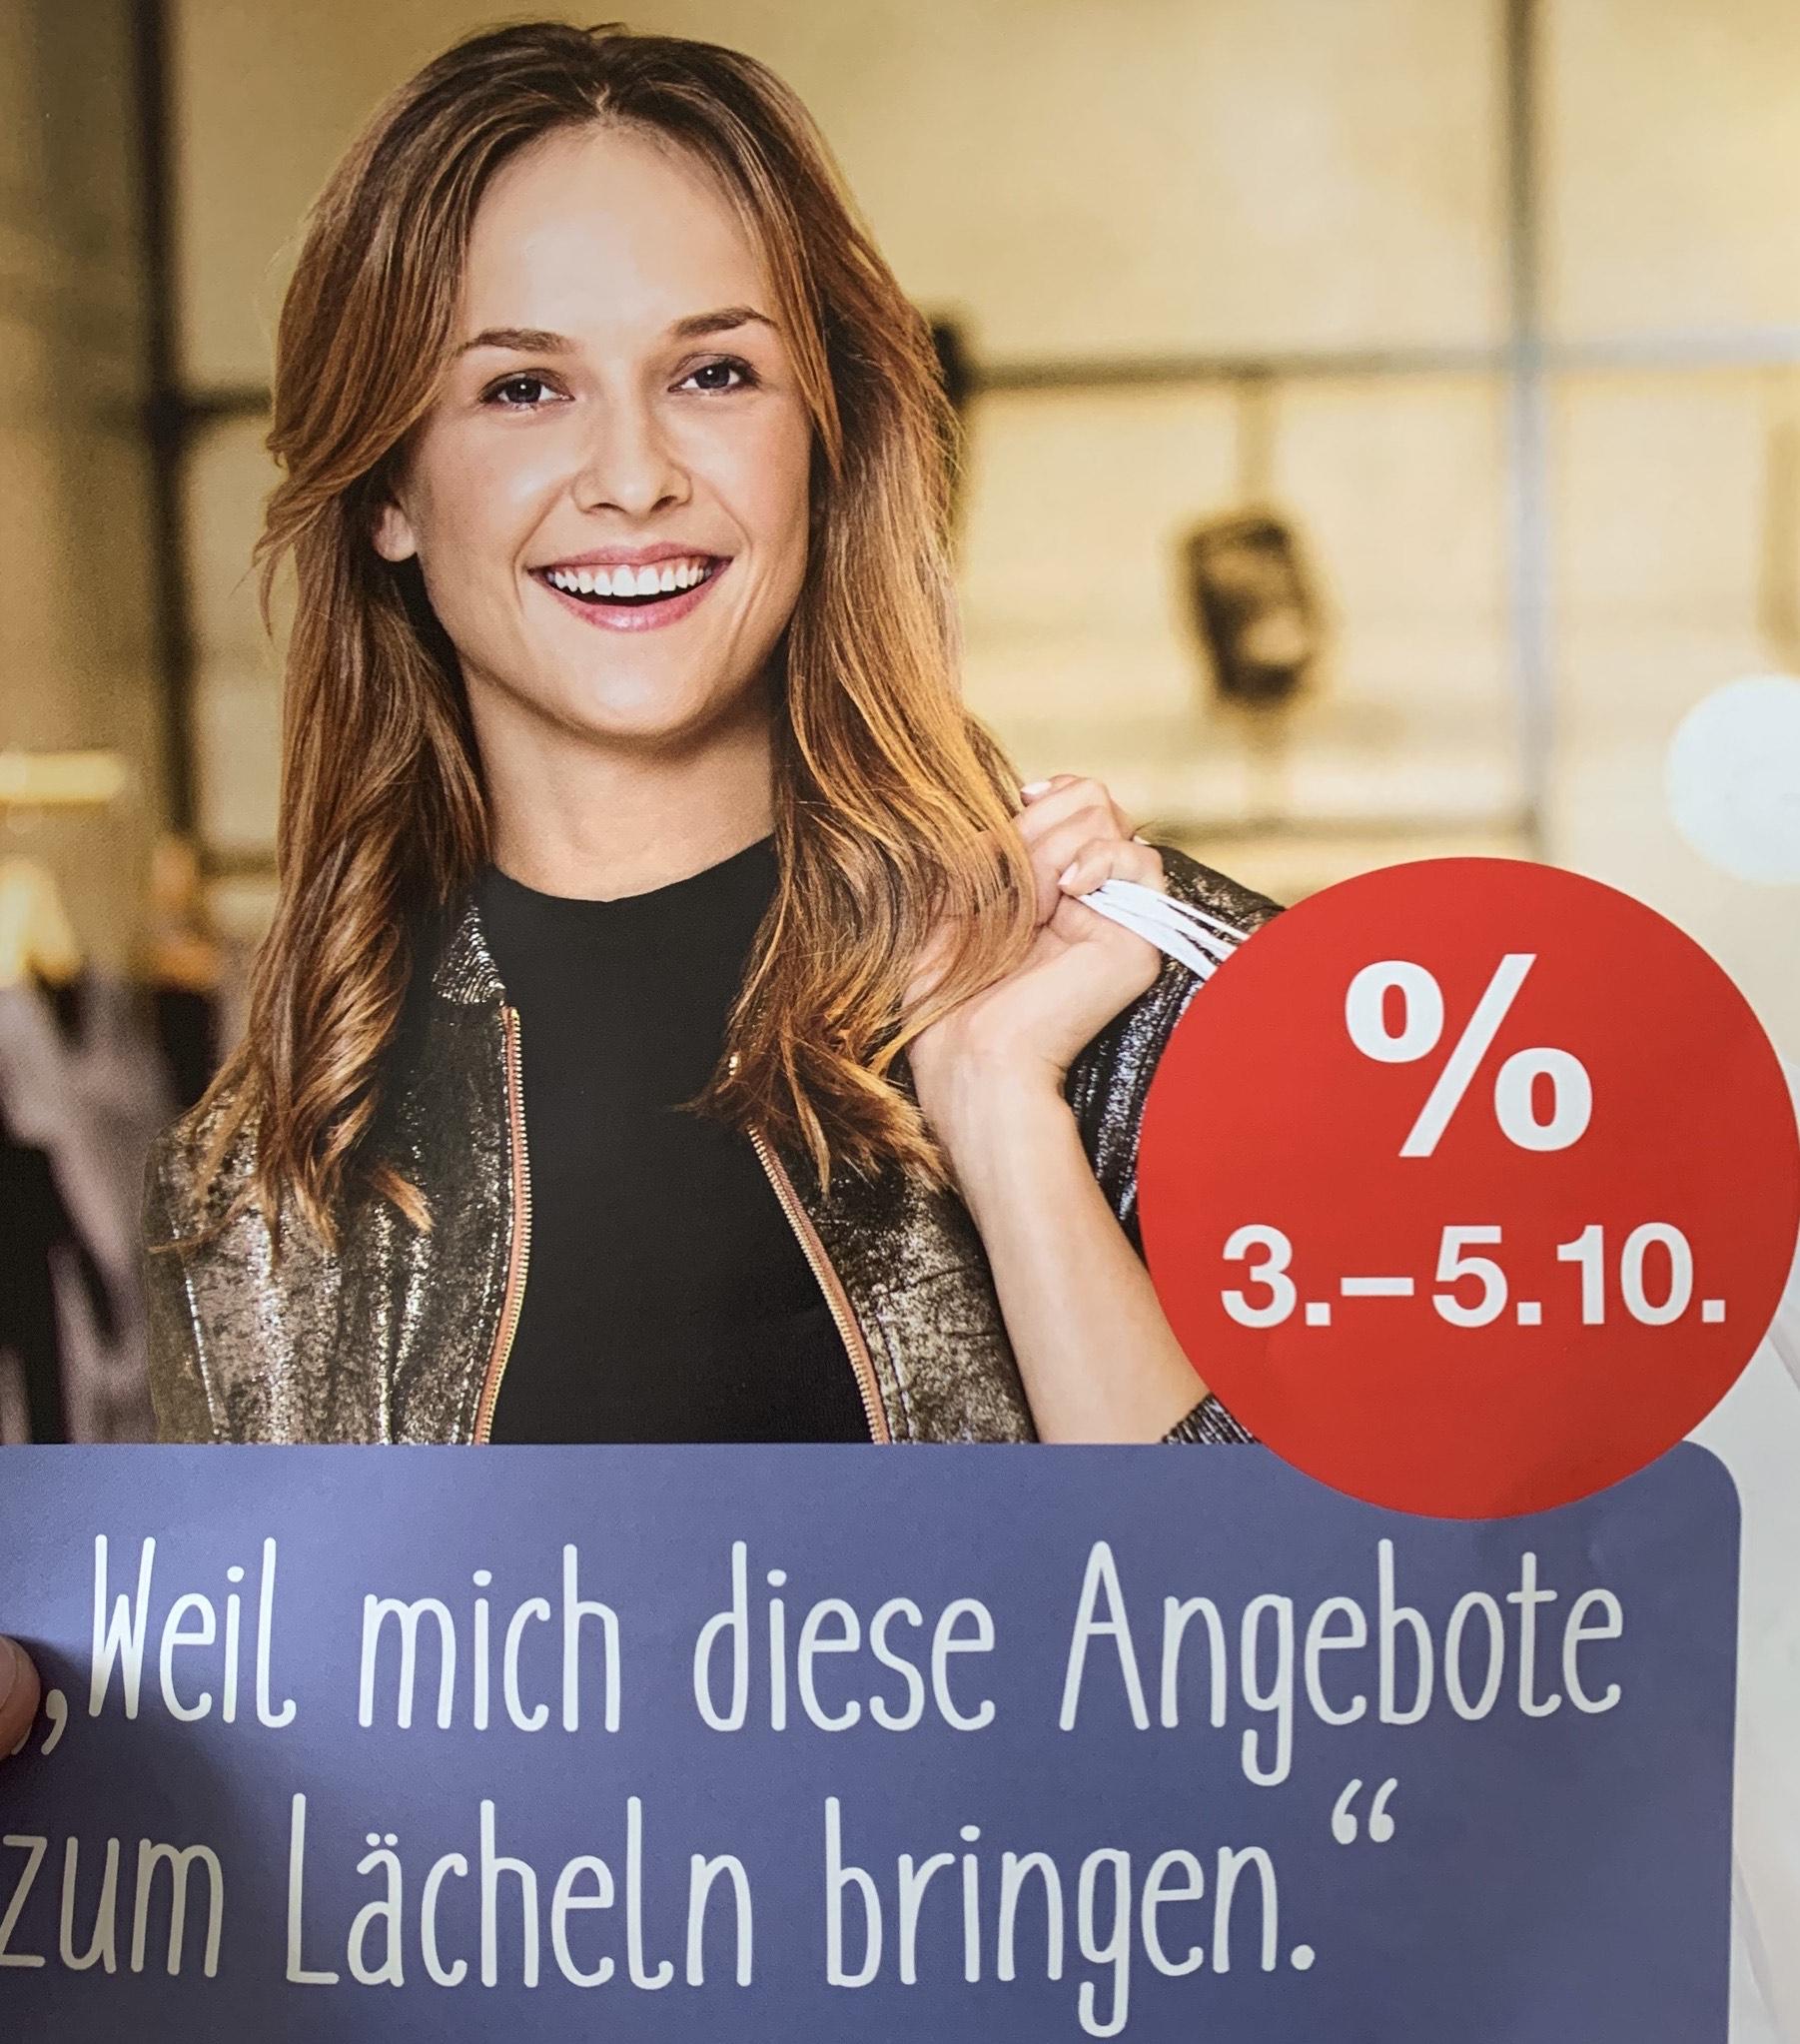 [Sammeldeal] Smile Shopping Days im Haidcenter (OÖ)